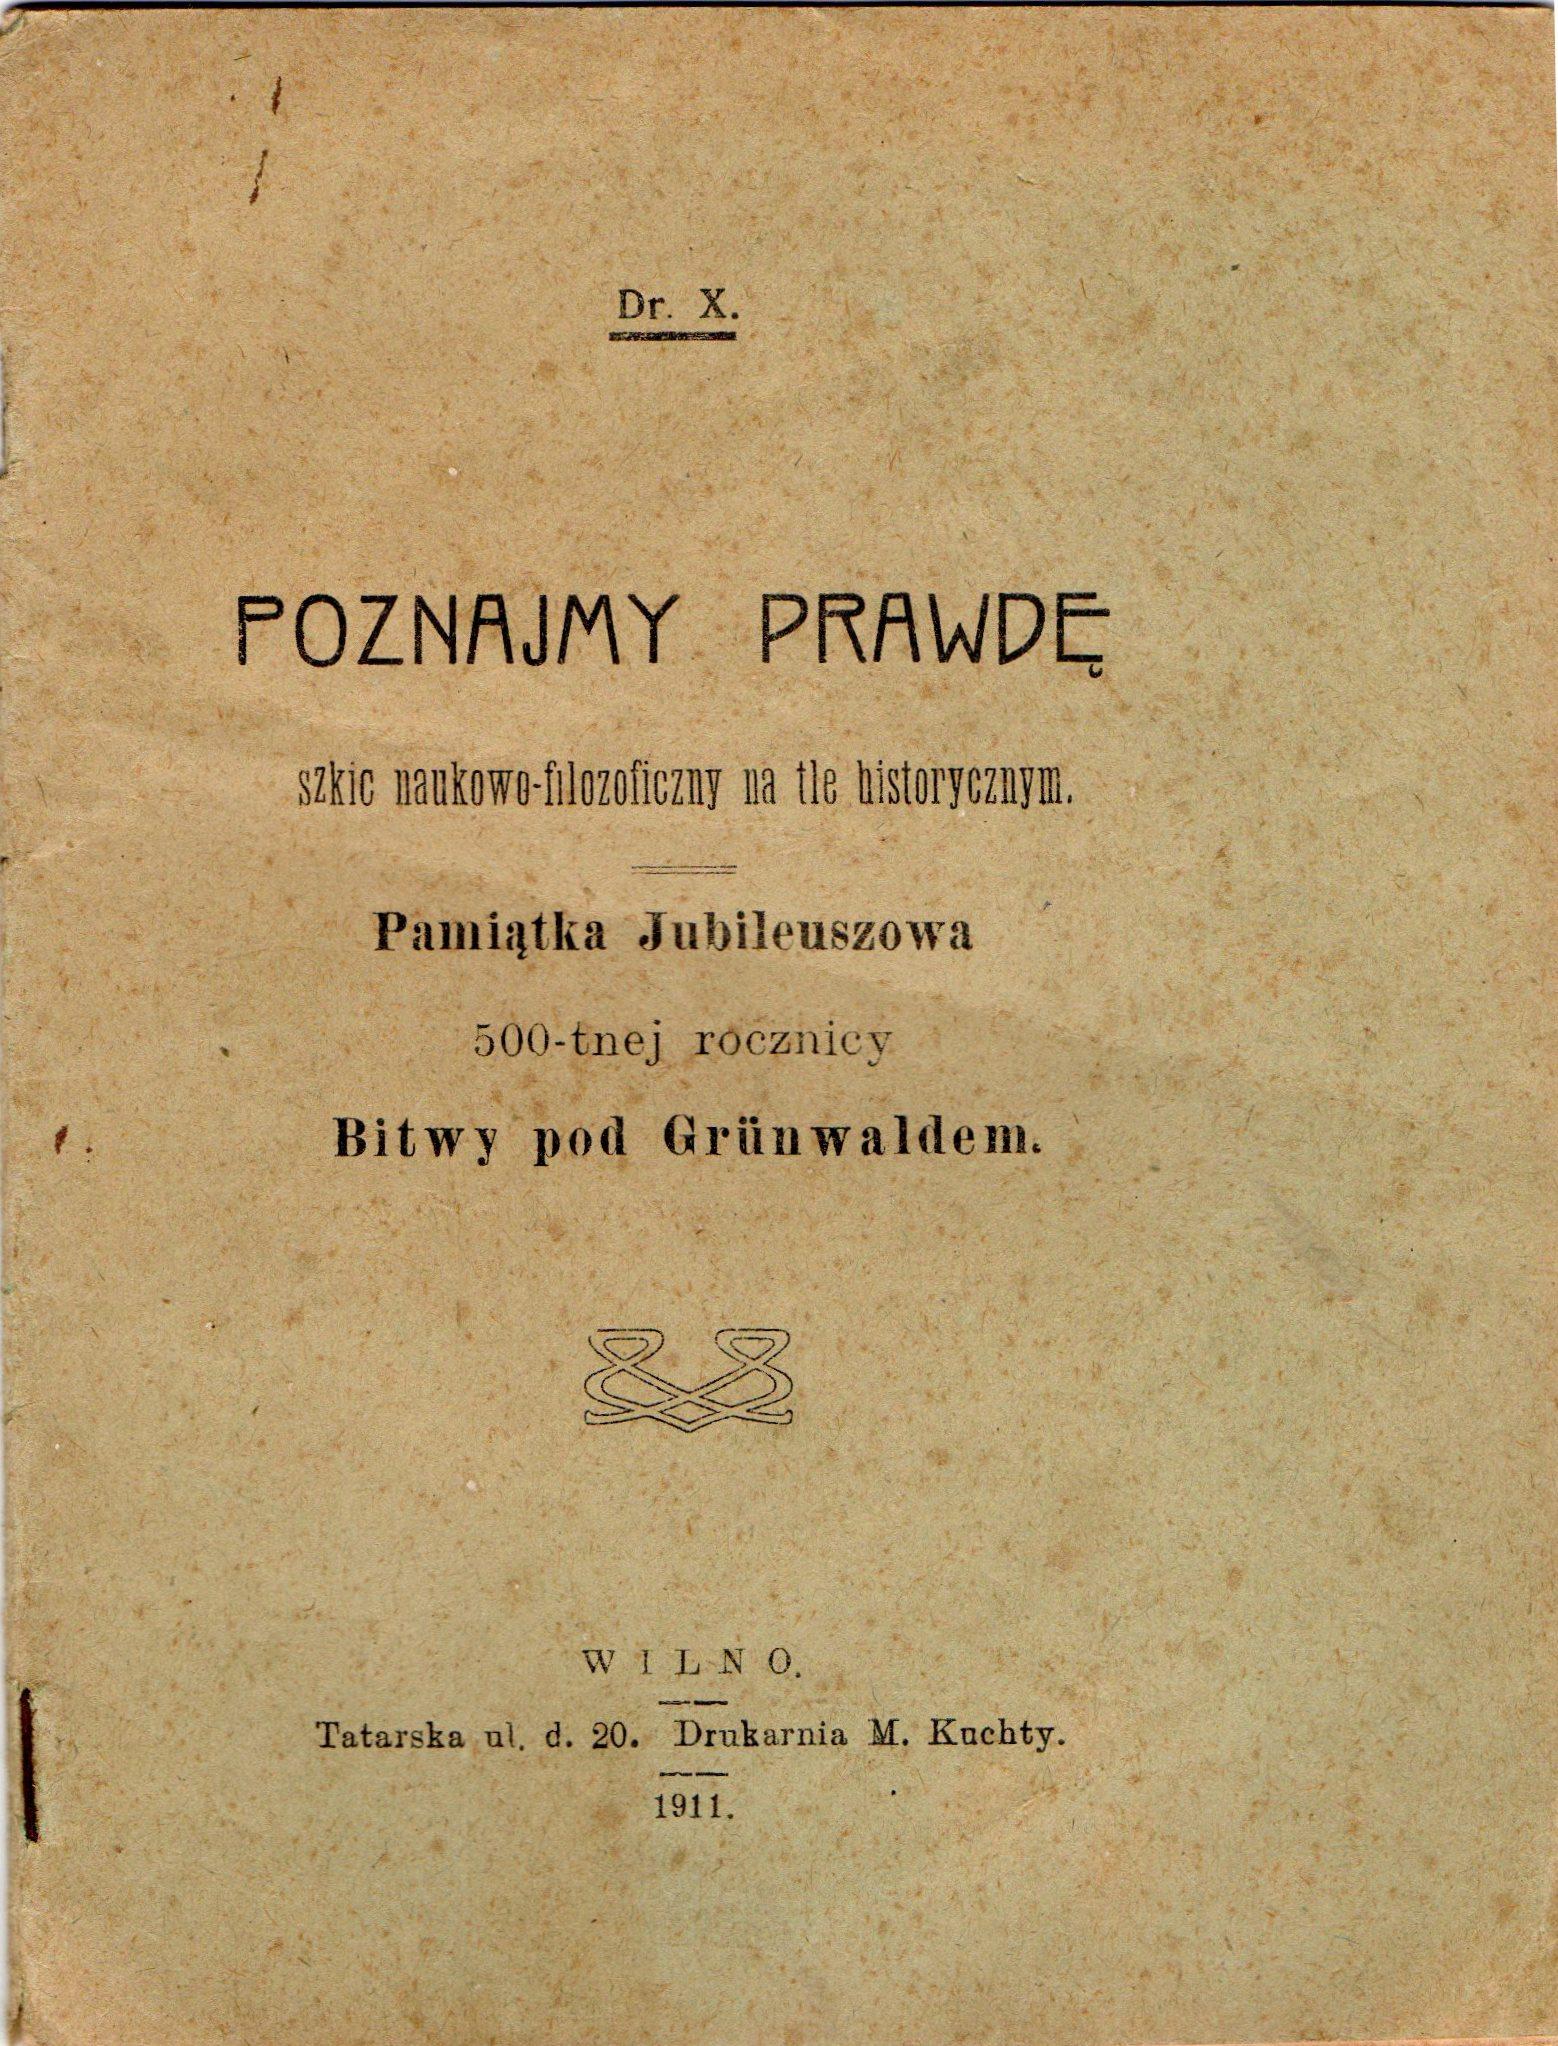 """Книга """"Dr. X. """"Poznajmy prawdę. Pamiątka Jubileuszowa 500-tnej rocznicy Bitwy pod Grünwaldem"""""""